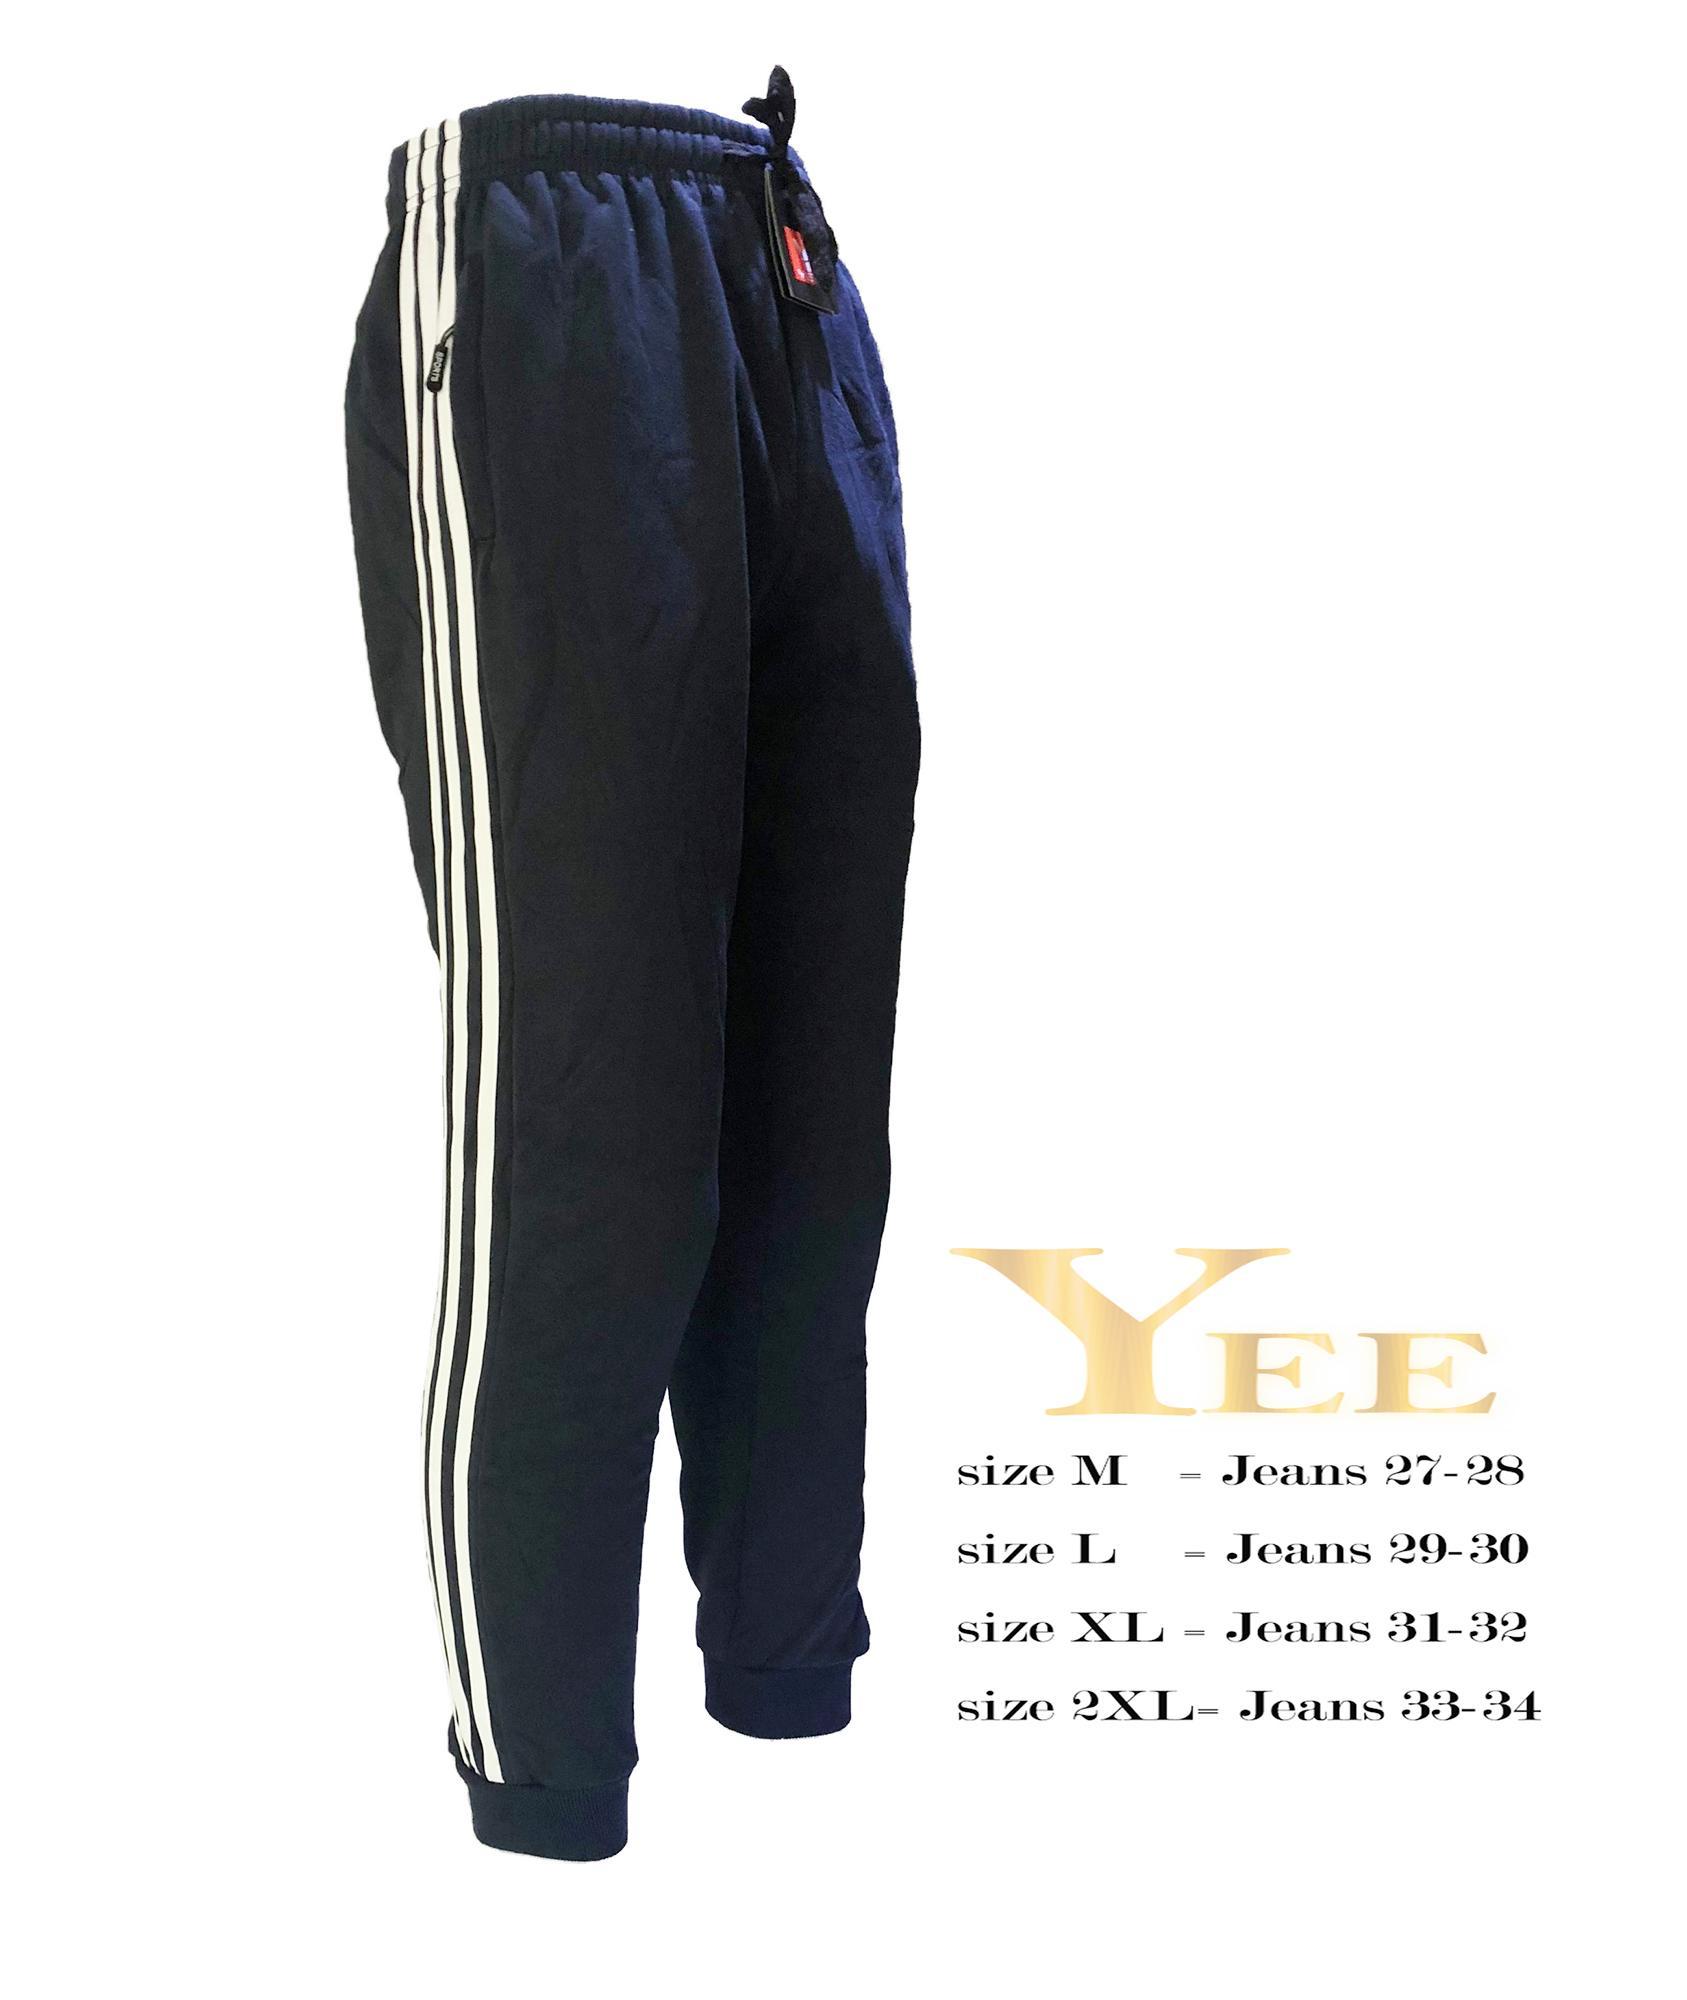 YEE Jogging Pants